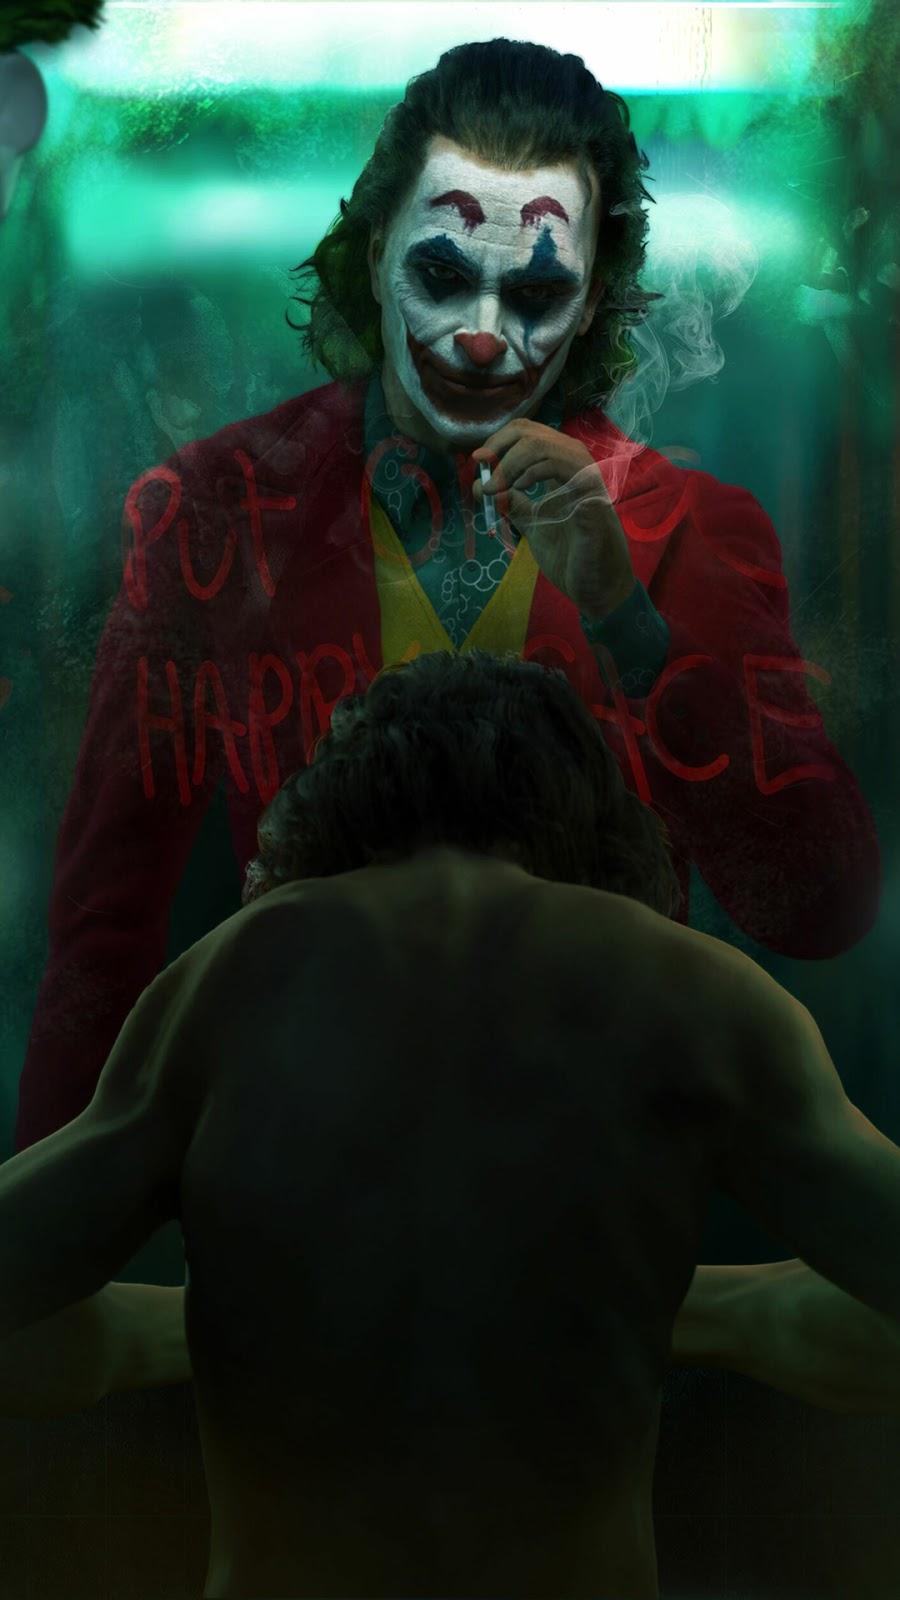 #Joker #JoaquinPhoenix #TheJoker